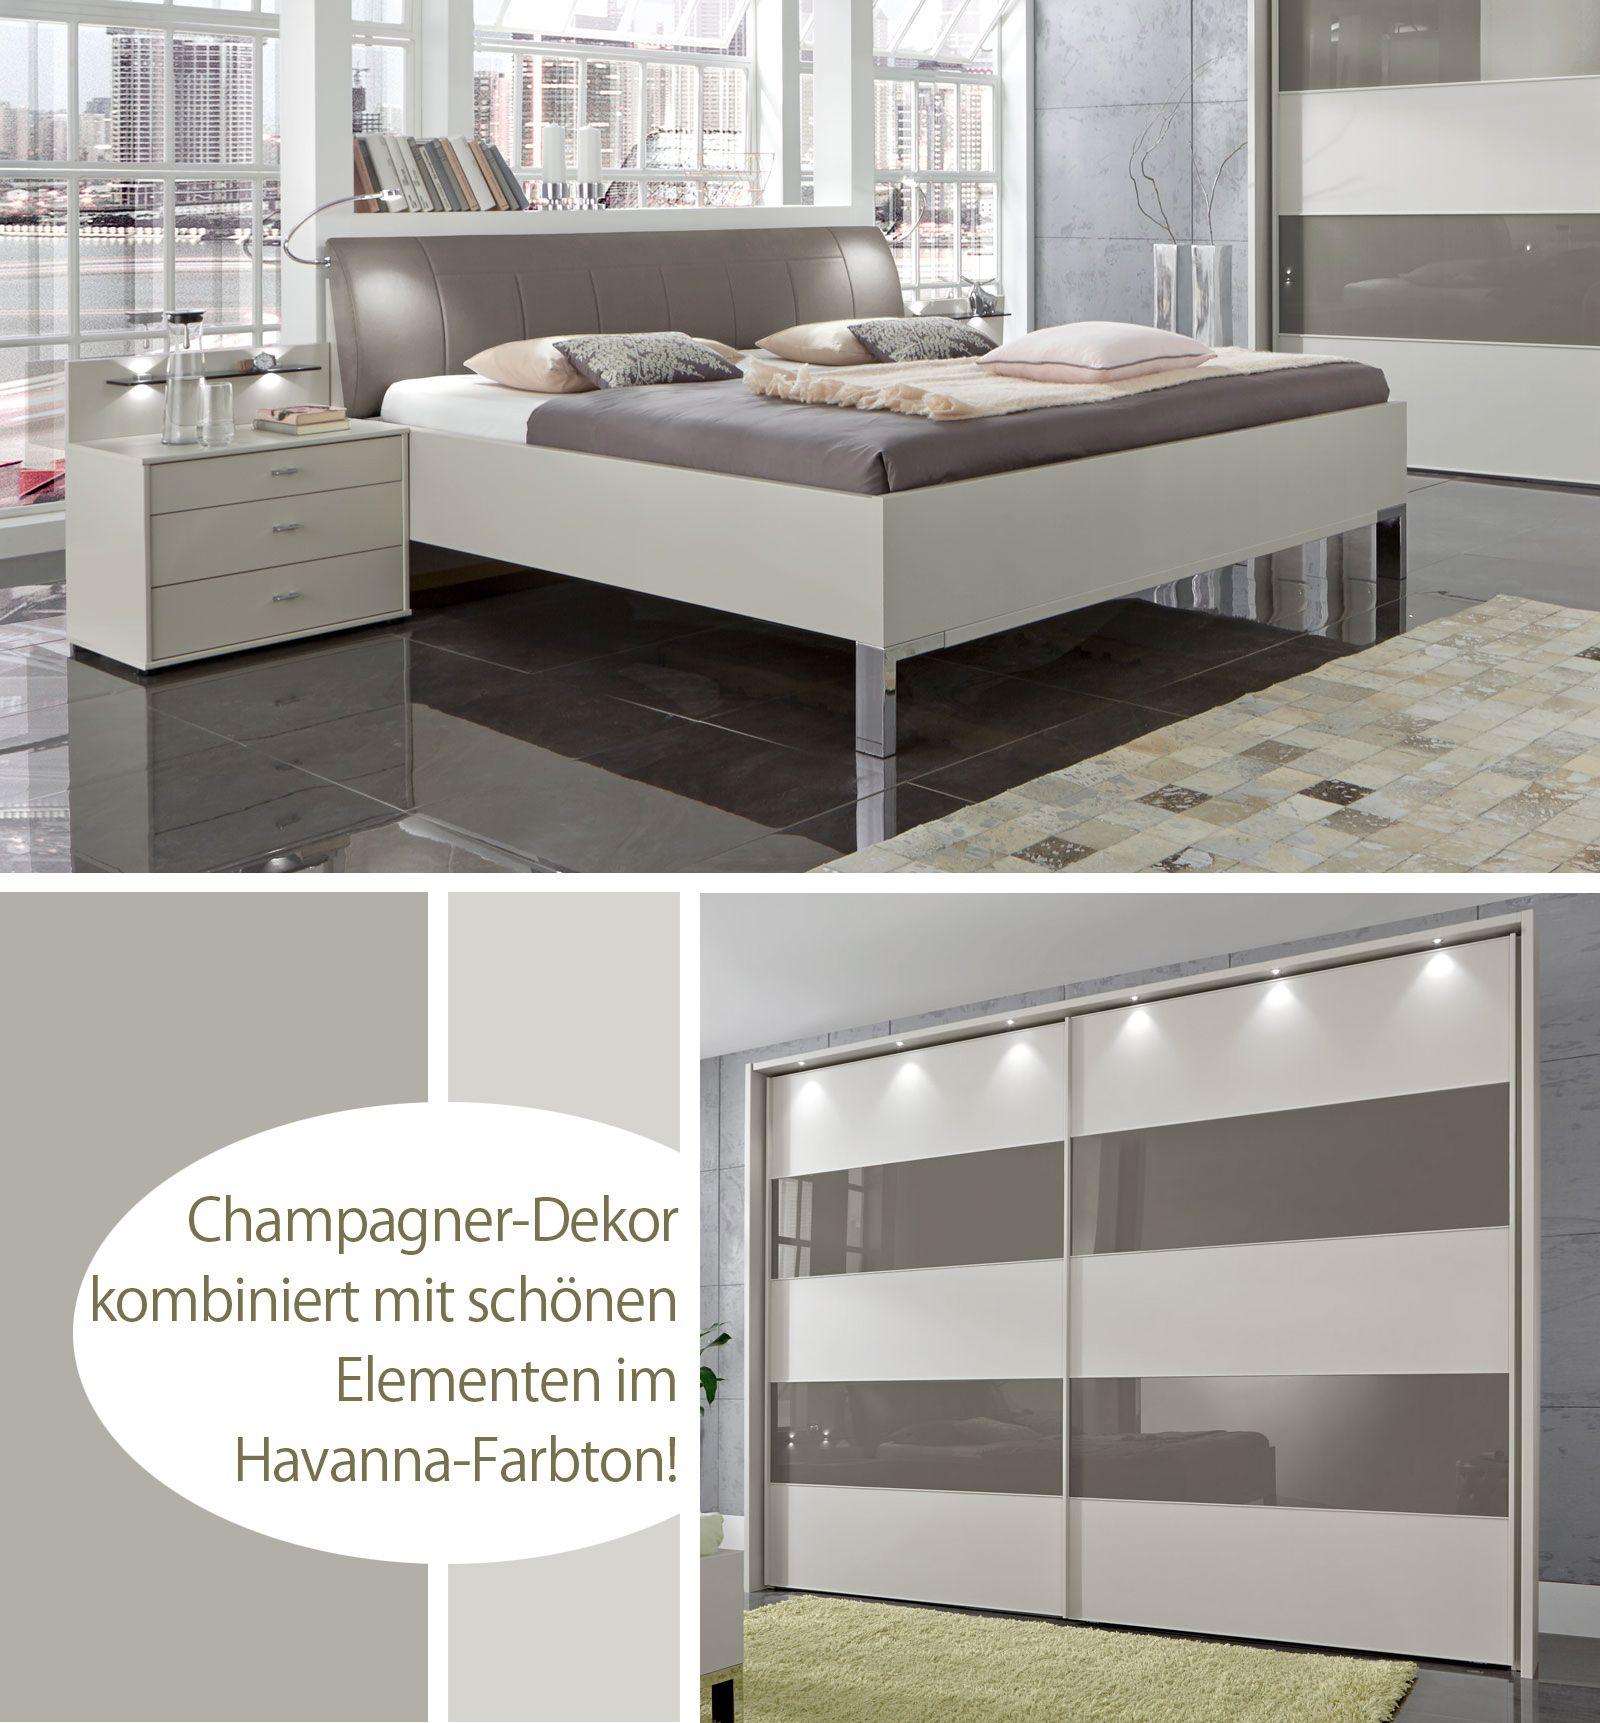 schönes schlafzimmer in gedeckten, modernen farben. | betten.de